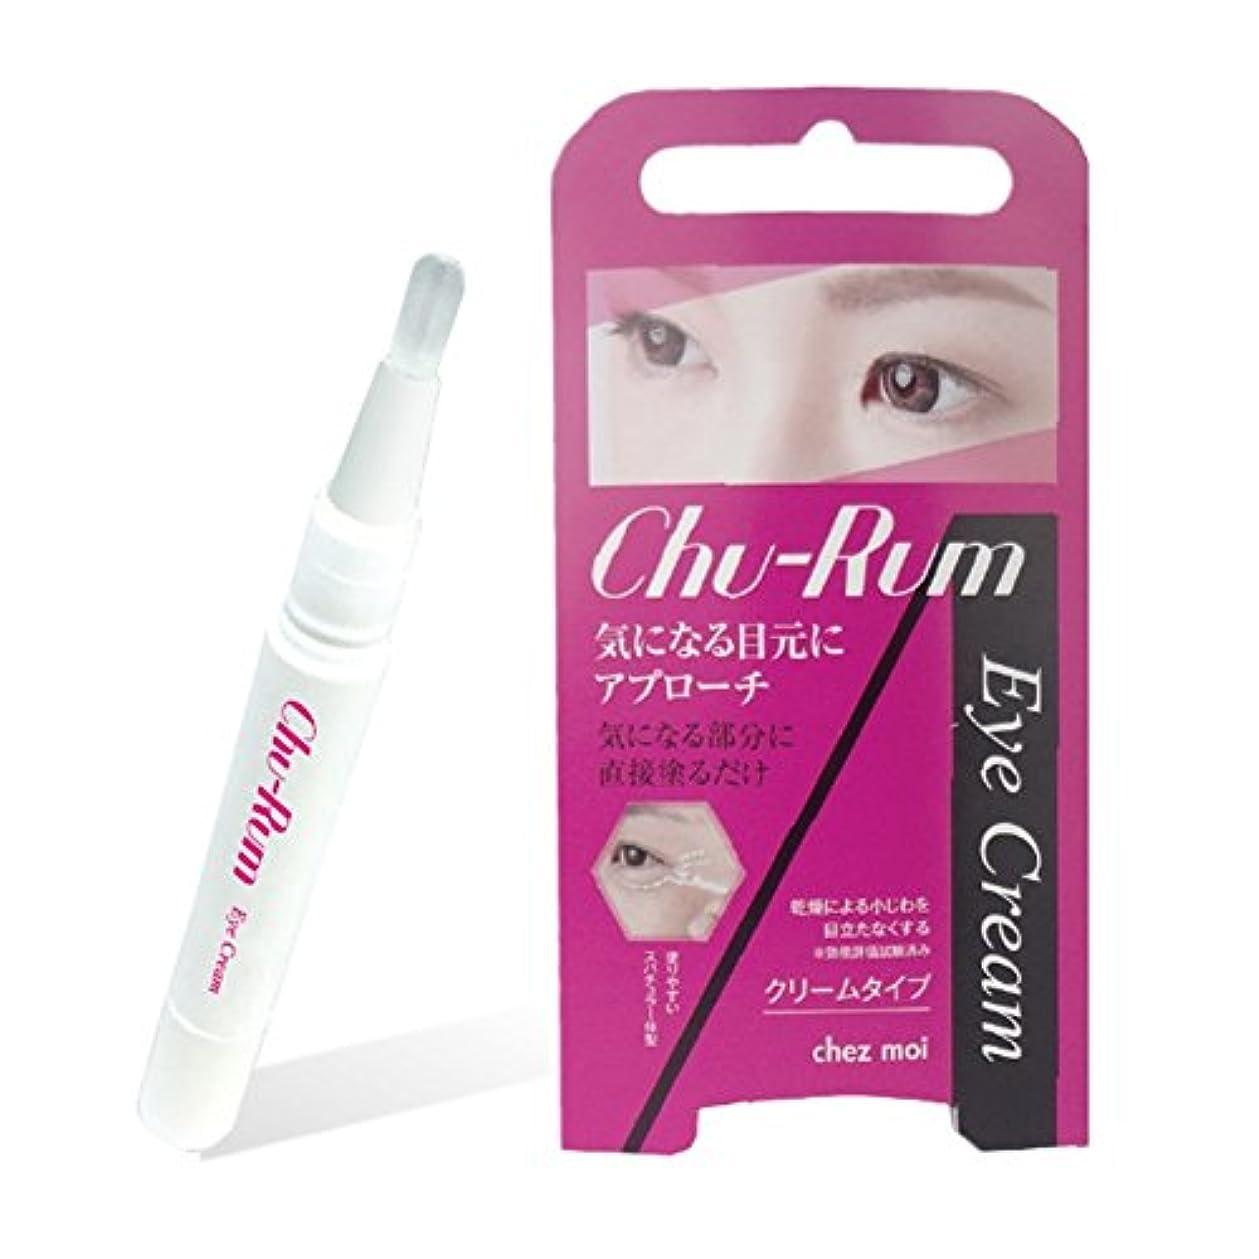 受粉する差粗いシェモア Chu-Rum(チュルム) Eye Cream(アイクリーム)